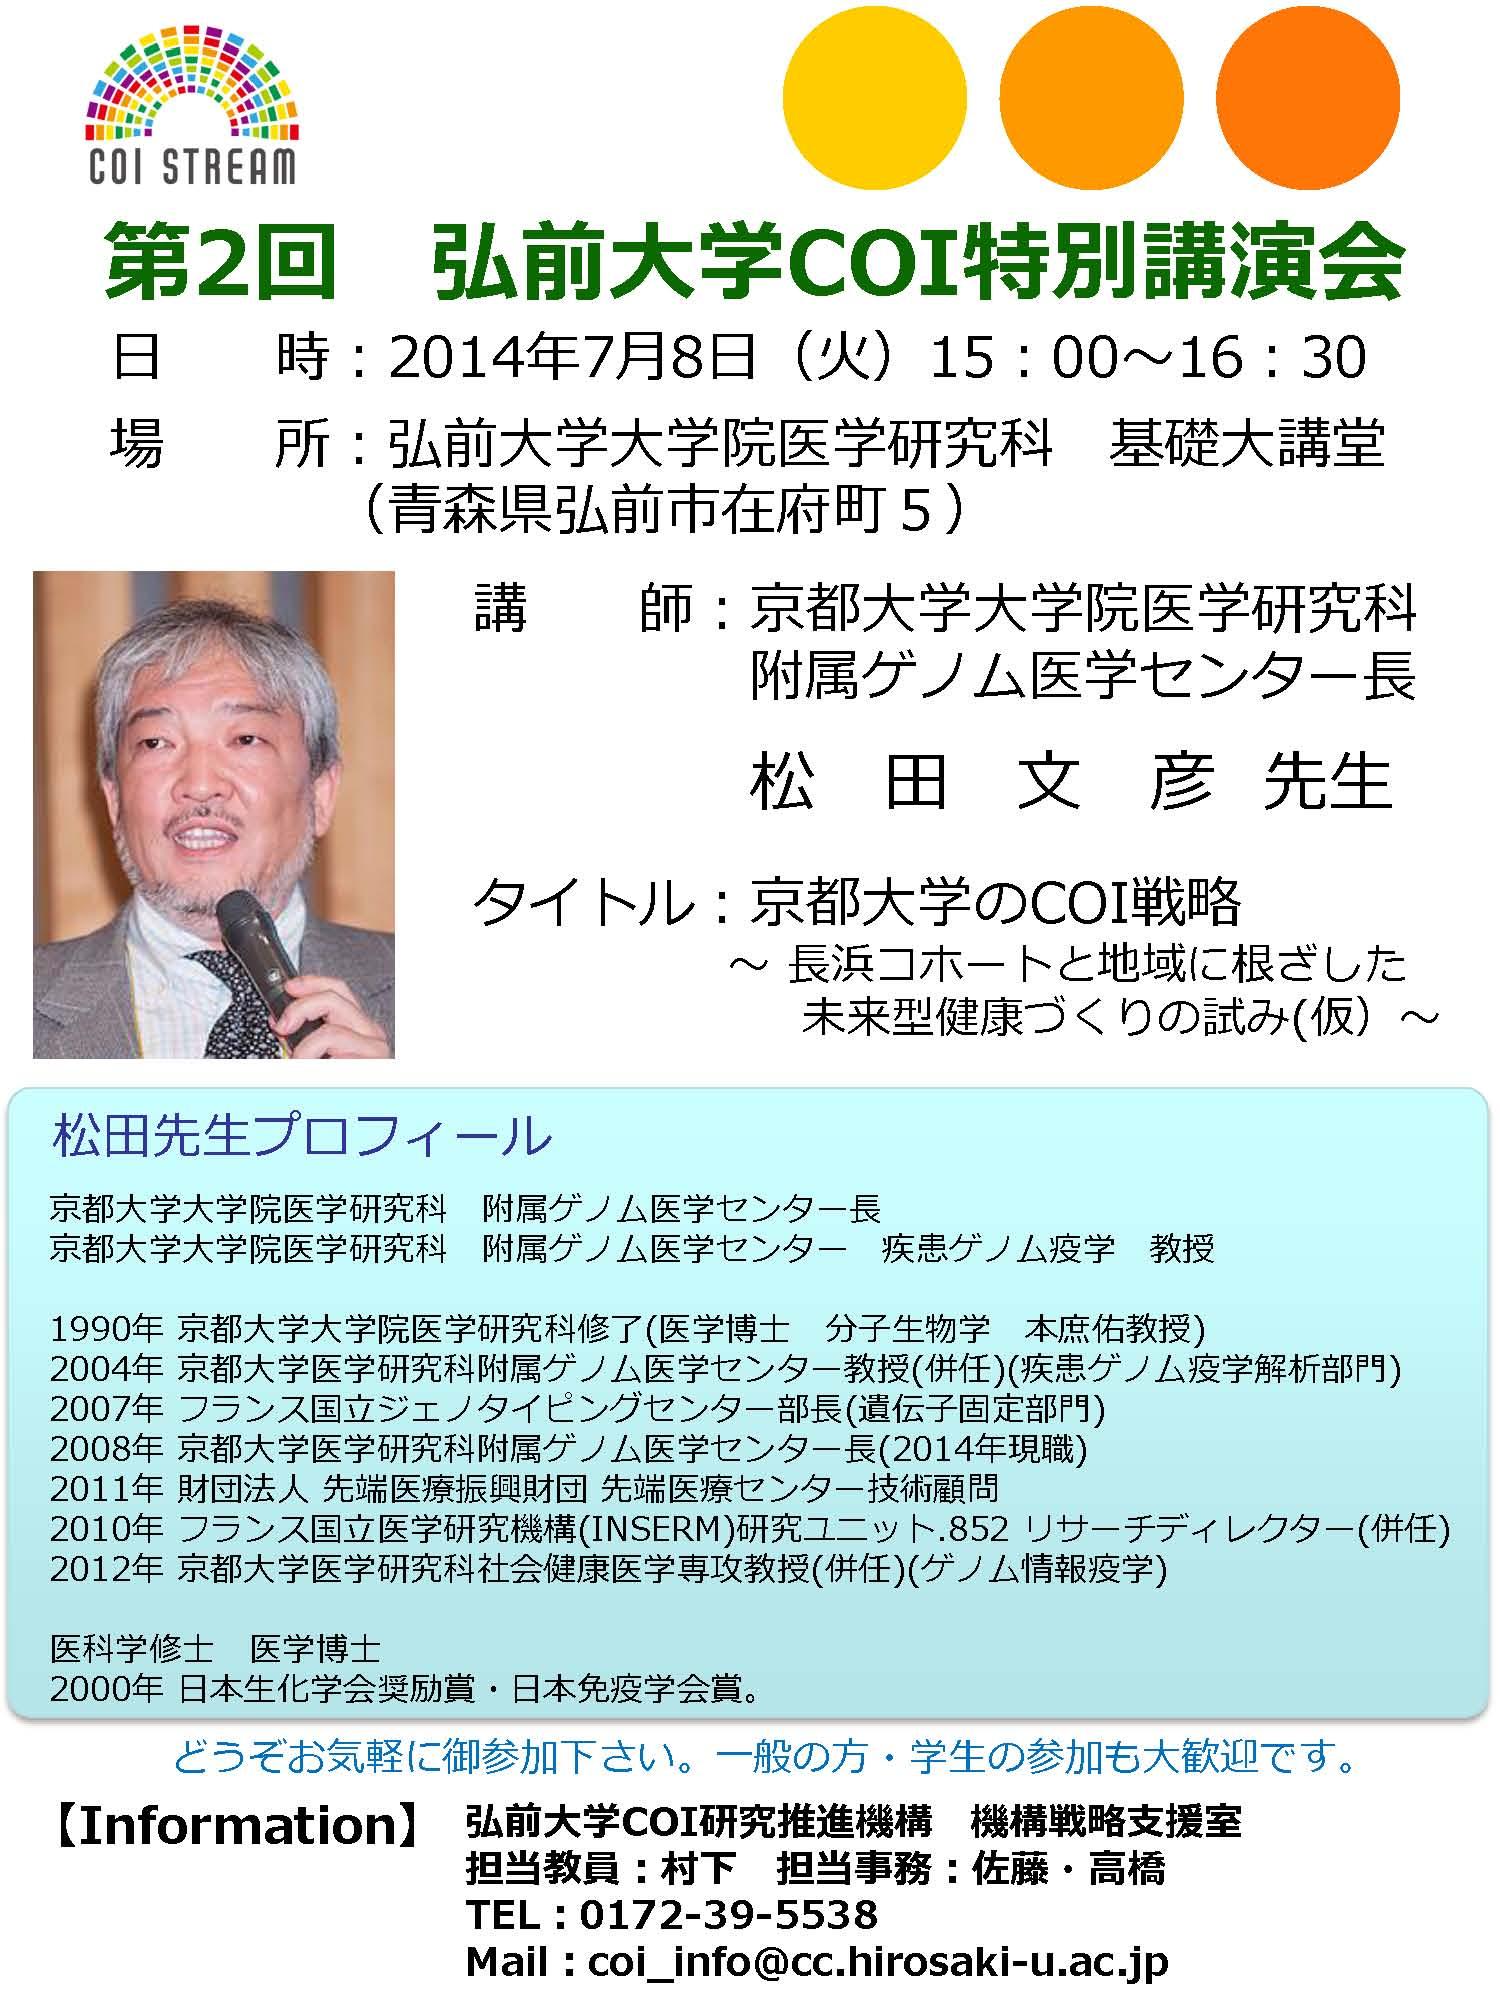 第2回 弘前大学COI拠点特別講演会 外部用チラシ